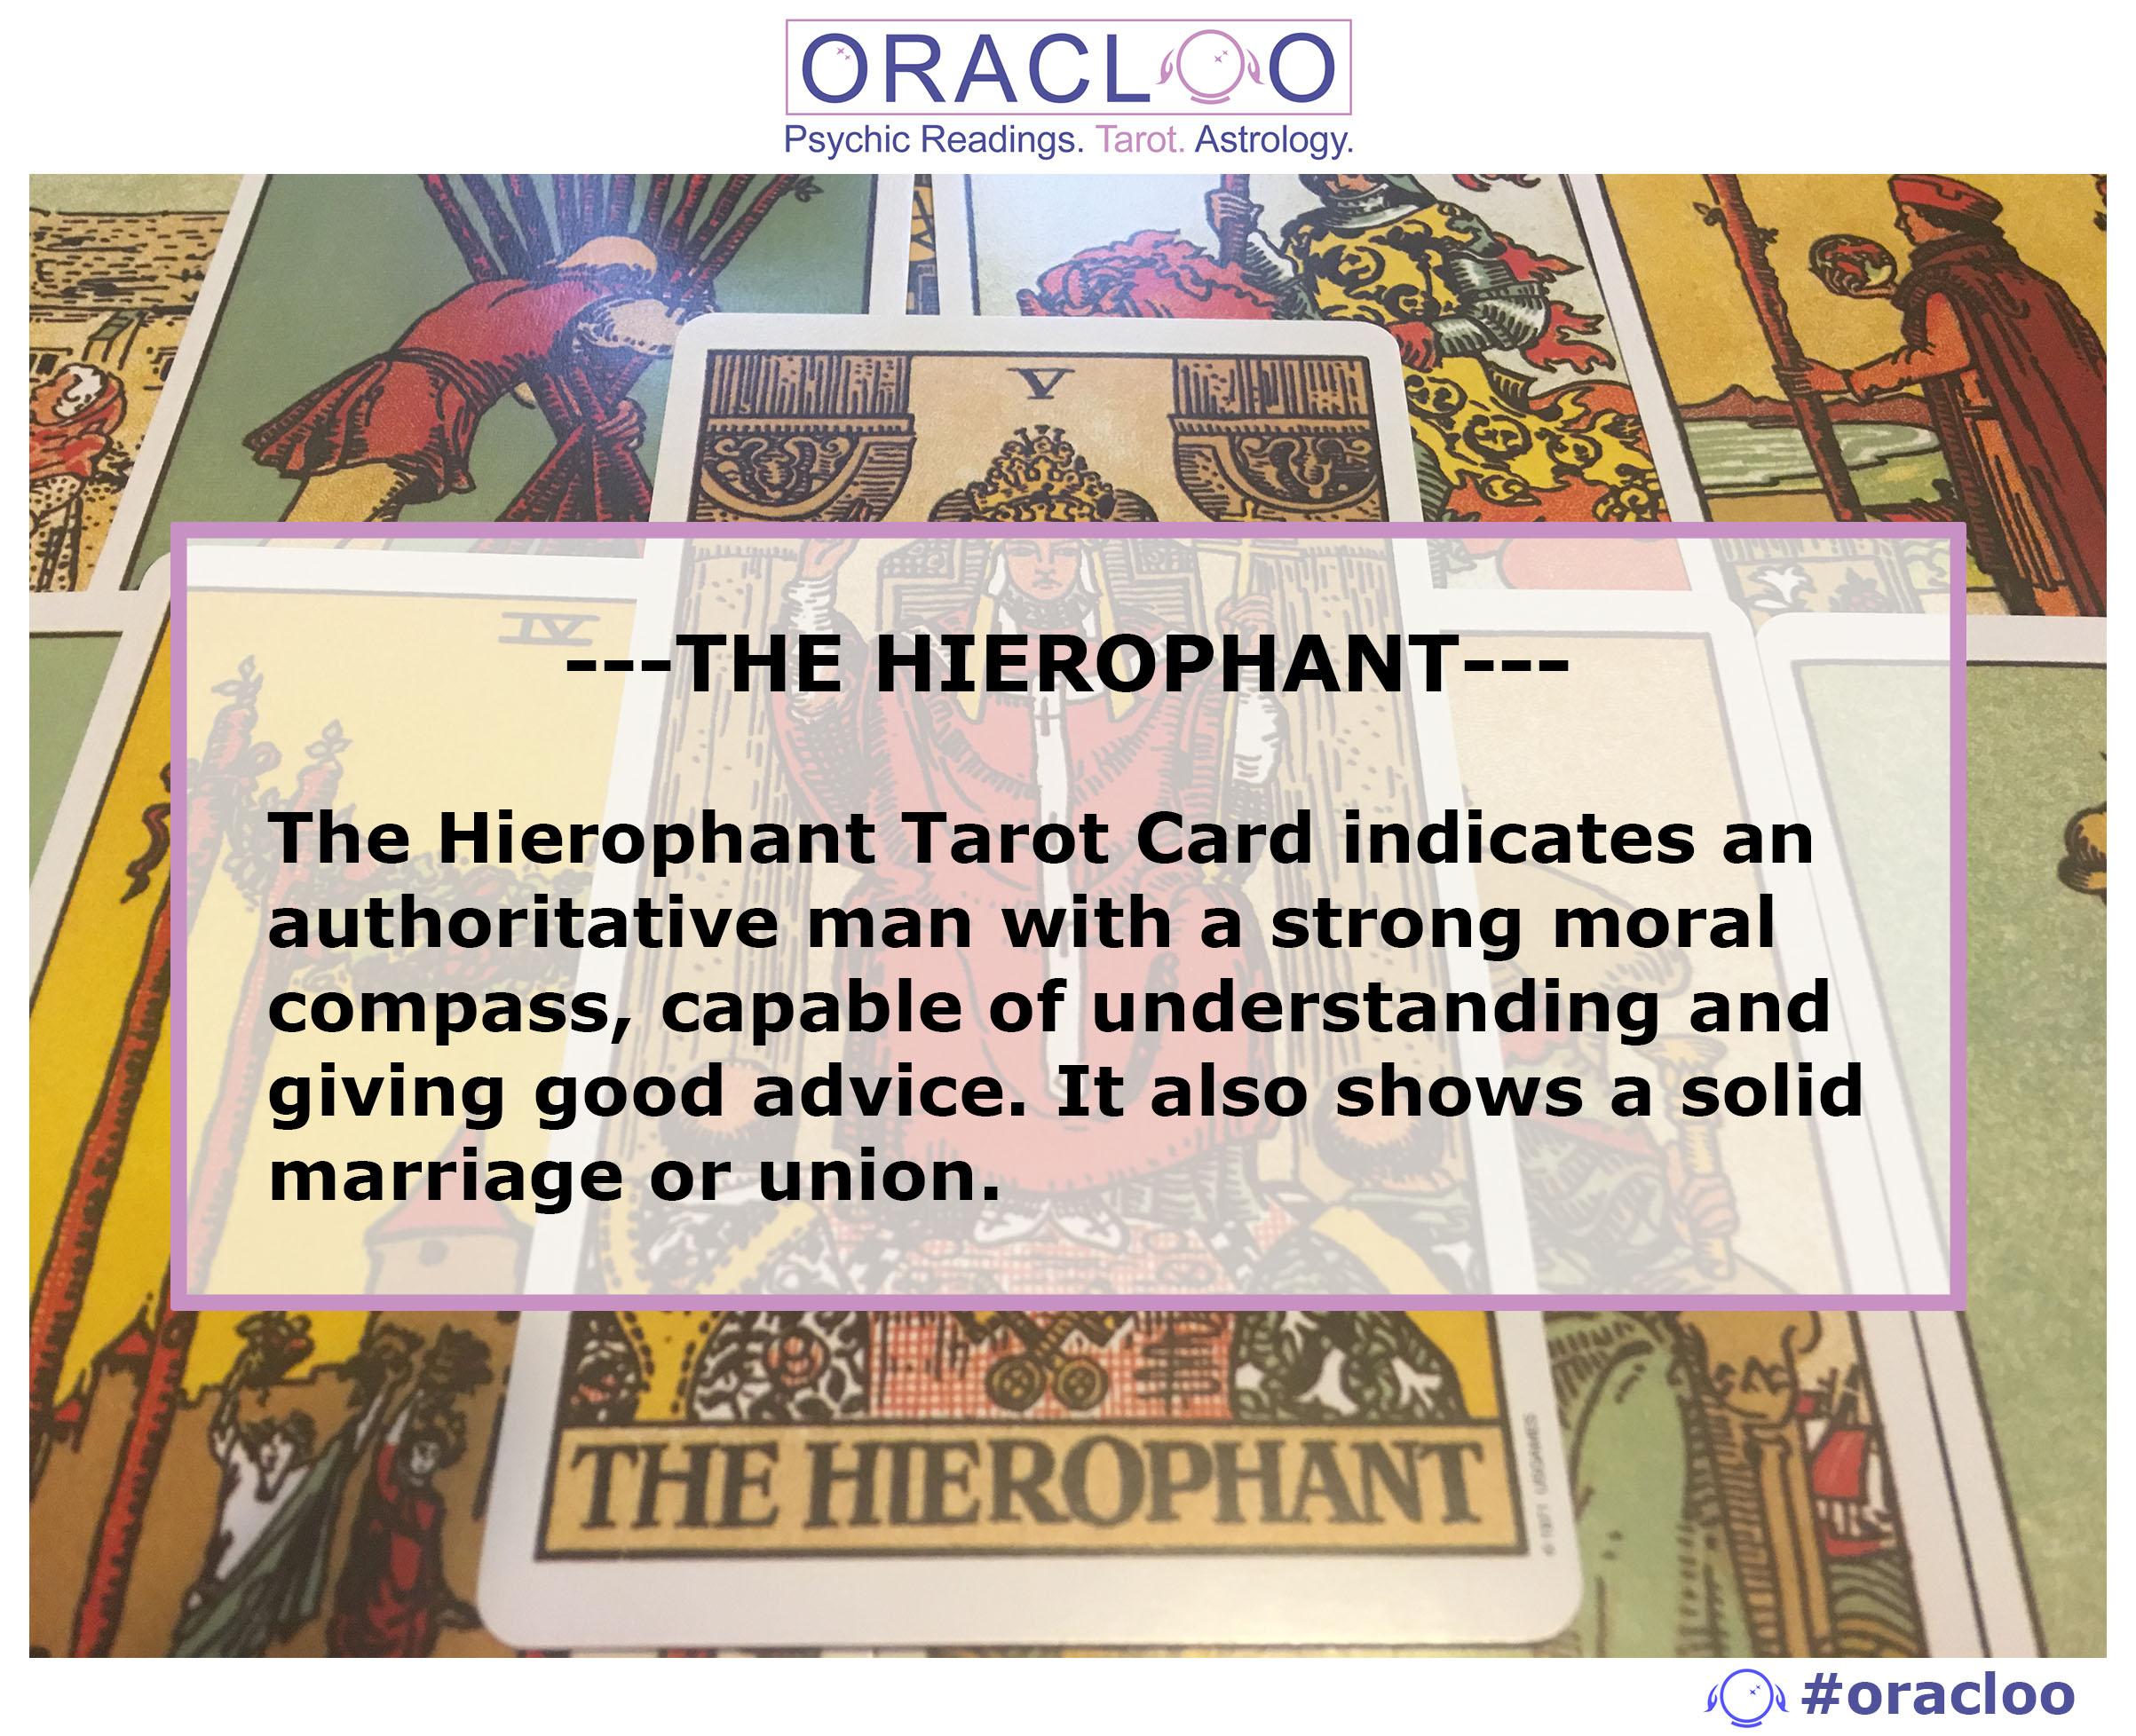 Hierophant tarot card